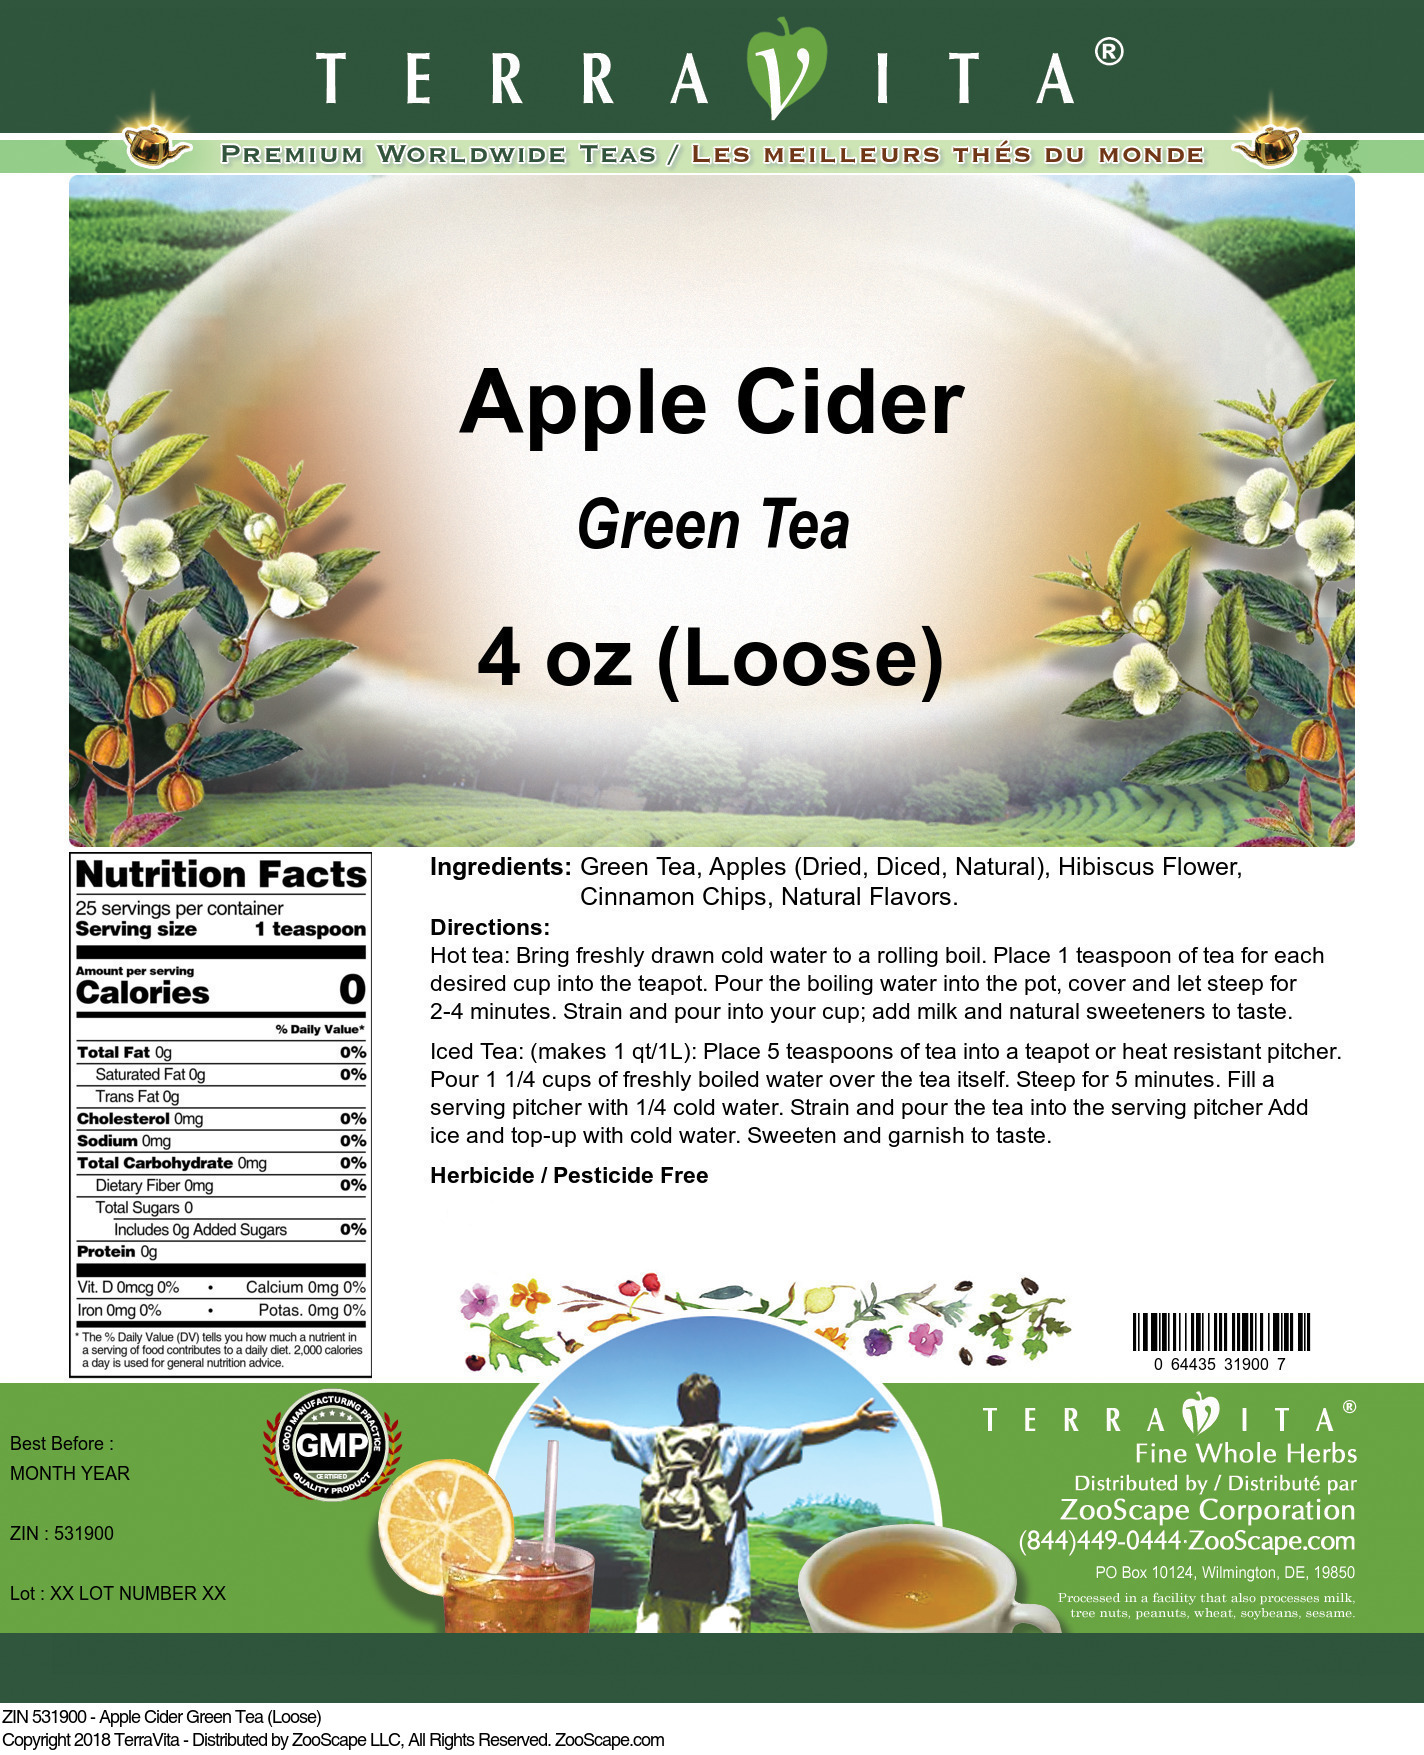 Apple Cider Green Tea (Loose)